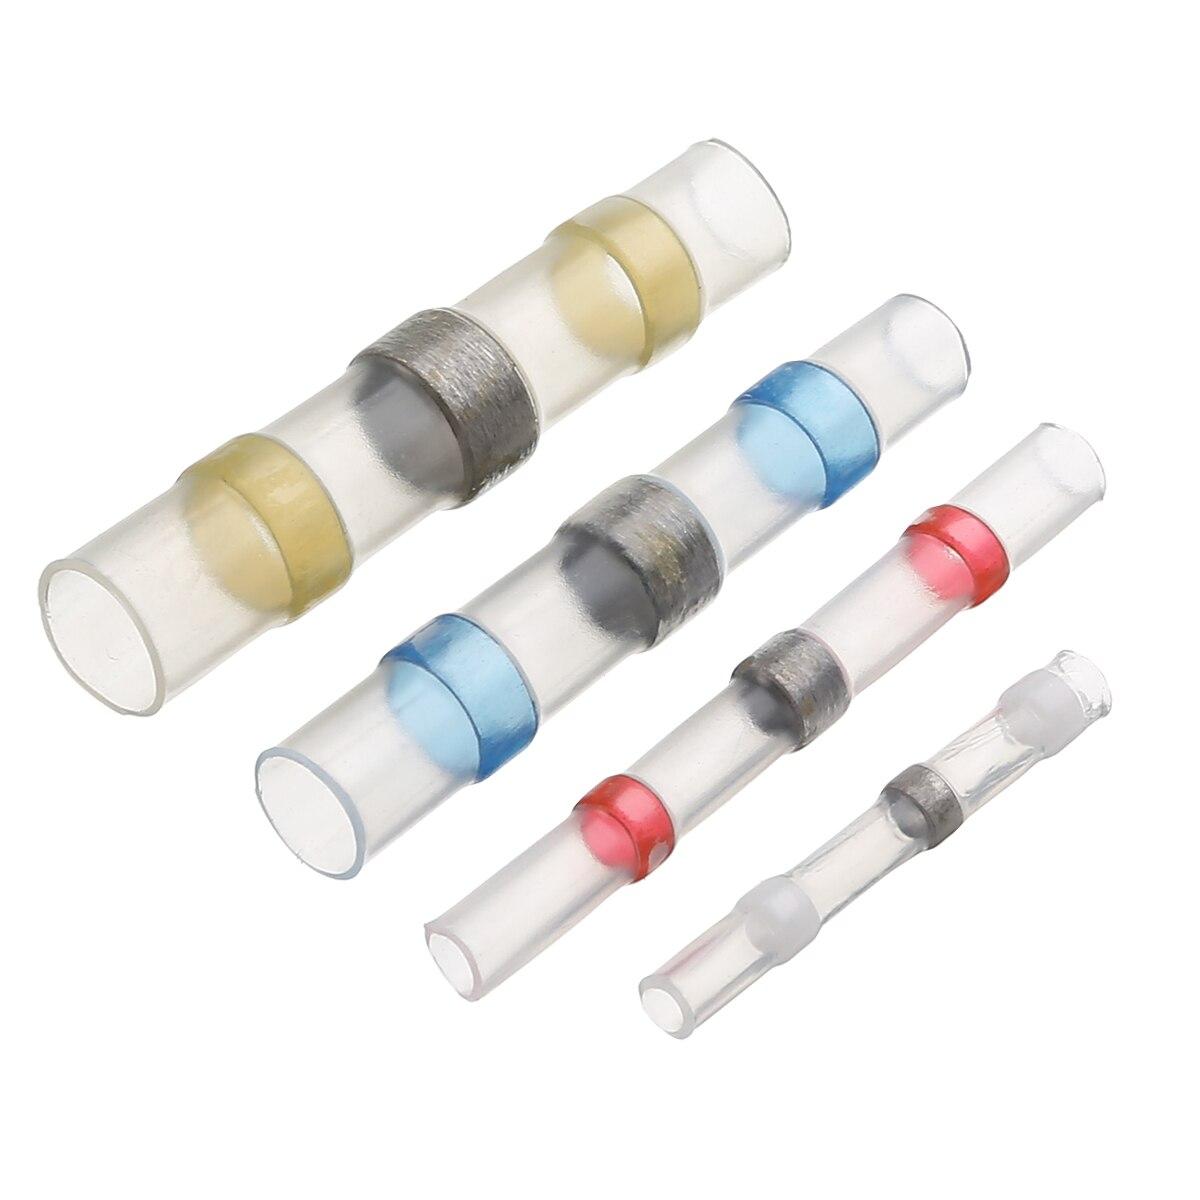 100 stücke Wasserdichte Solder Sleeve Tube Set Schrumpf Butt Draht Splice Connectors AWG 26-10